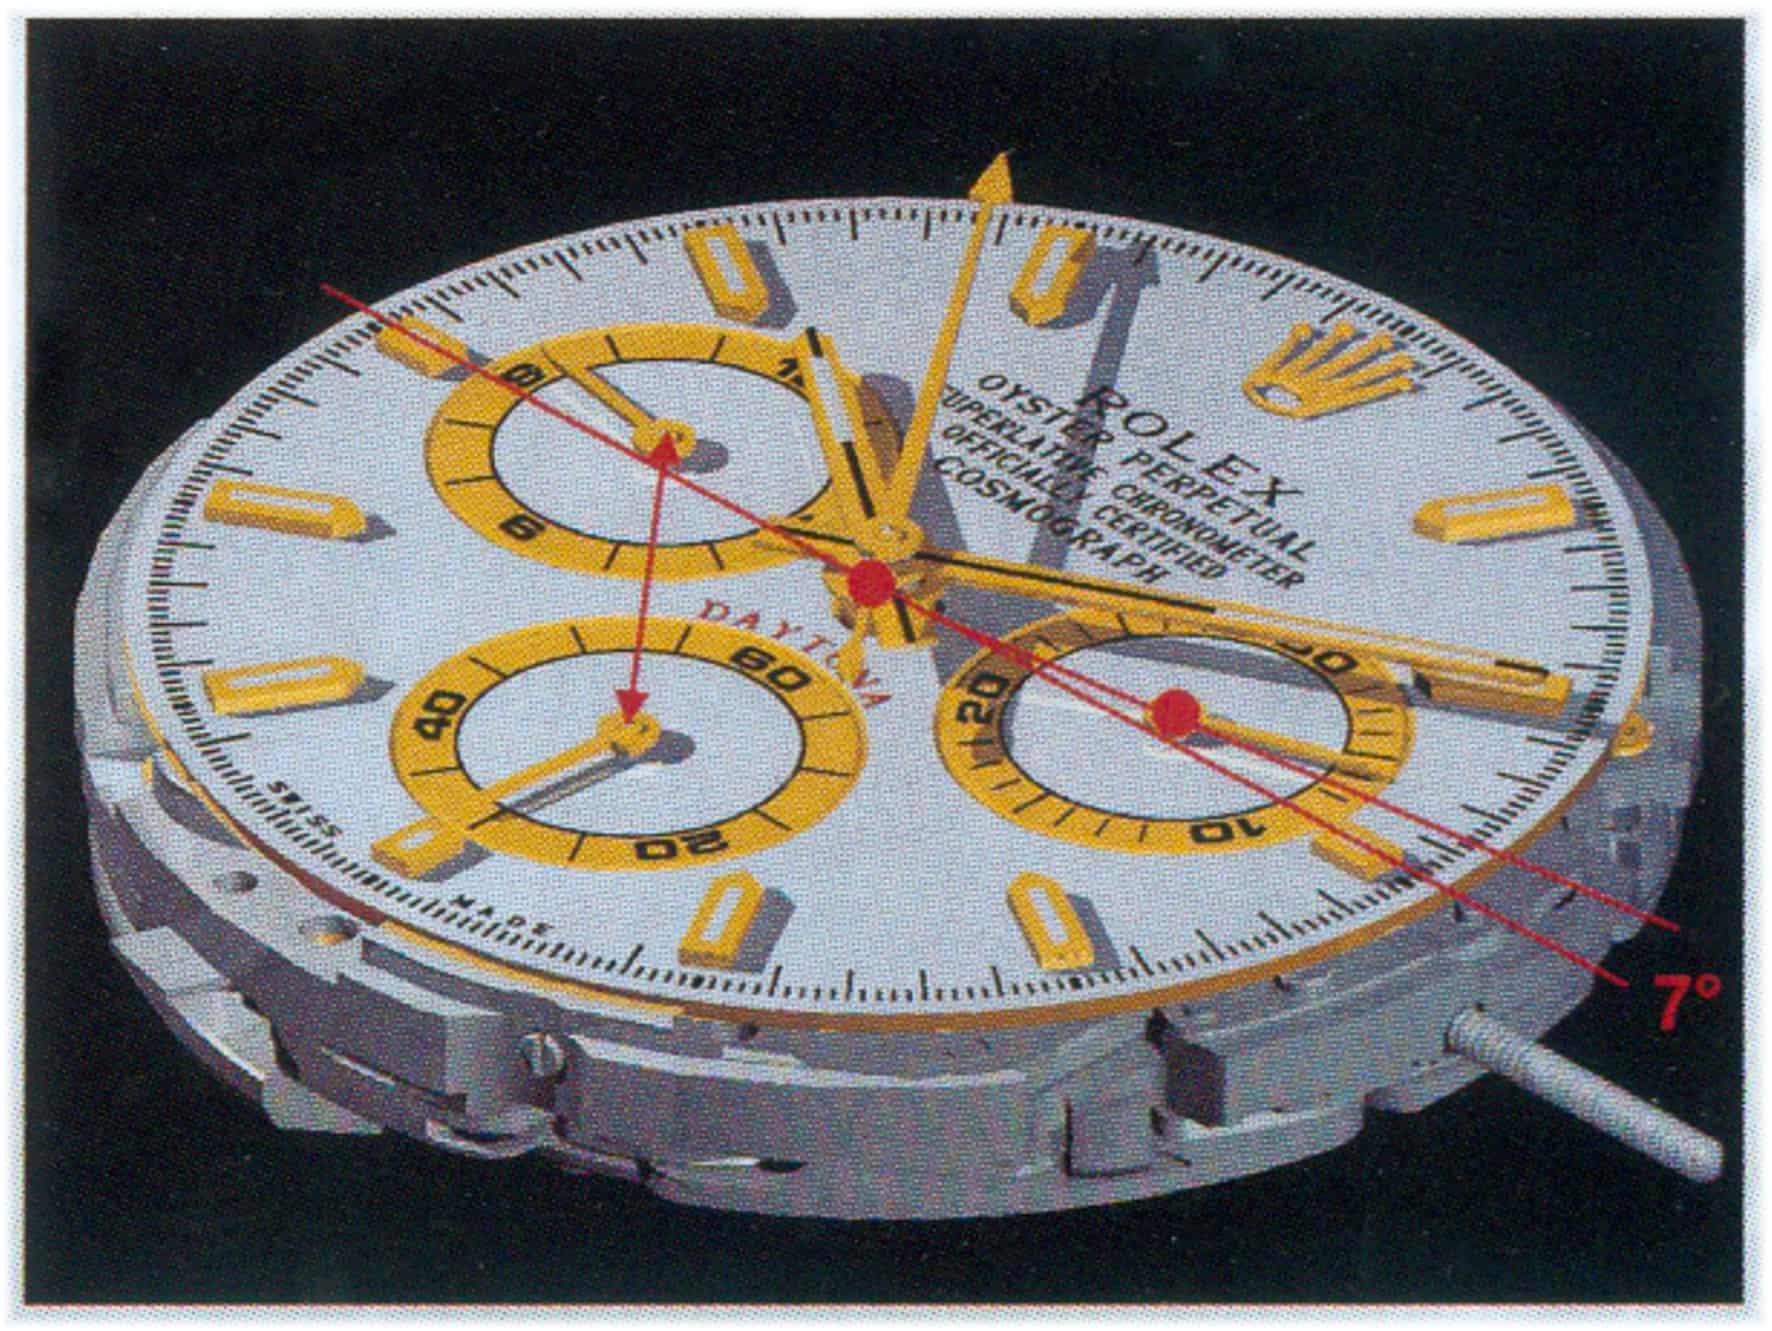 """Beim Kaliber 4130 sind die Zählzeiger um sieben Grad gegenüber der Mittelachse versetzt. Die Sekundenskalierung ist auf 2,5 Herz ausgelegt. Bei vier Hertz dürften nur drei Teilstriche zwischen den vollen Sekunden vorhanden sein. Bei """"6"""" dreht die Permanentsekunde."""